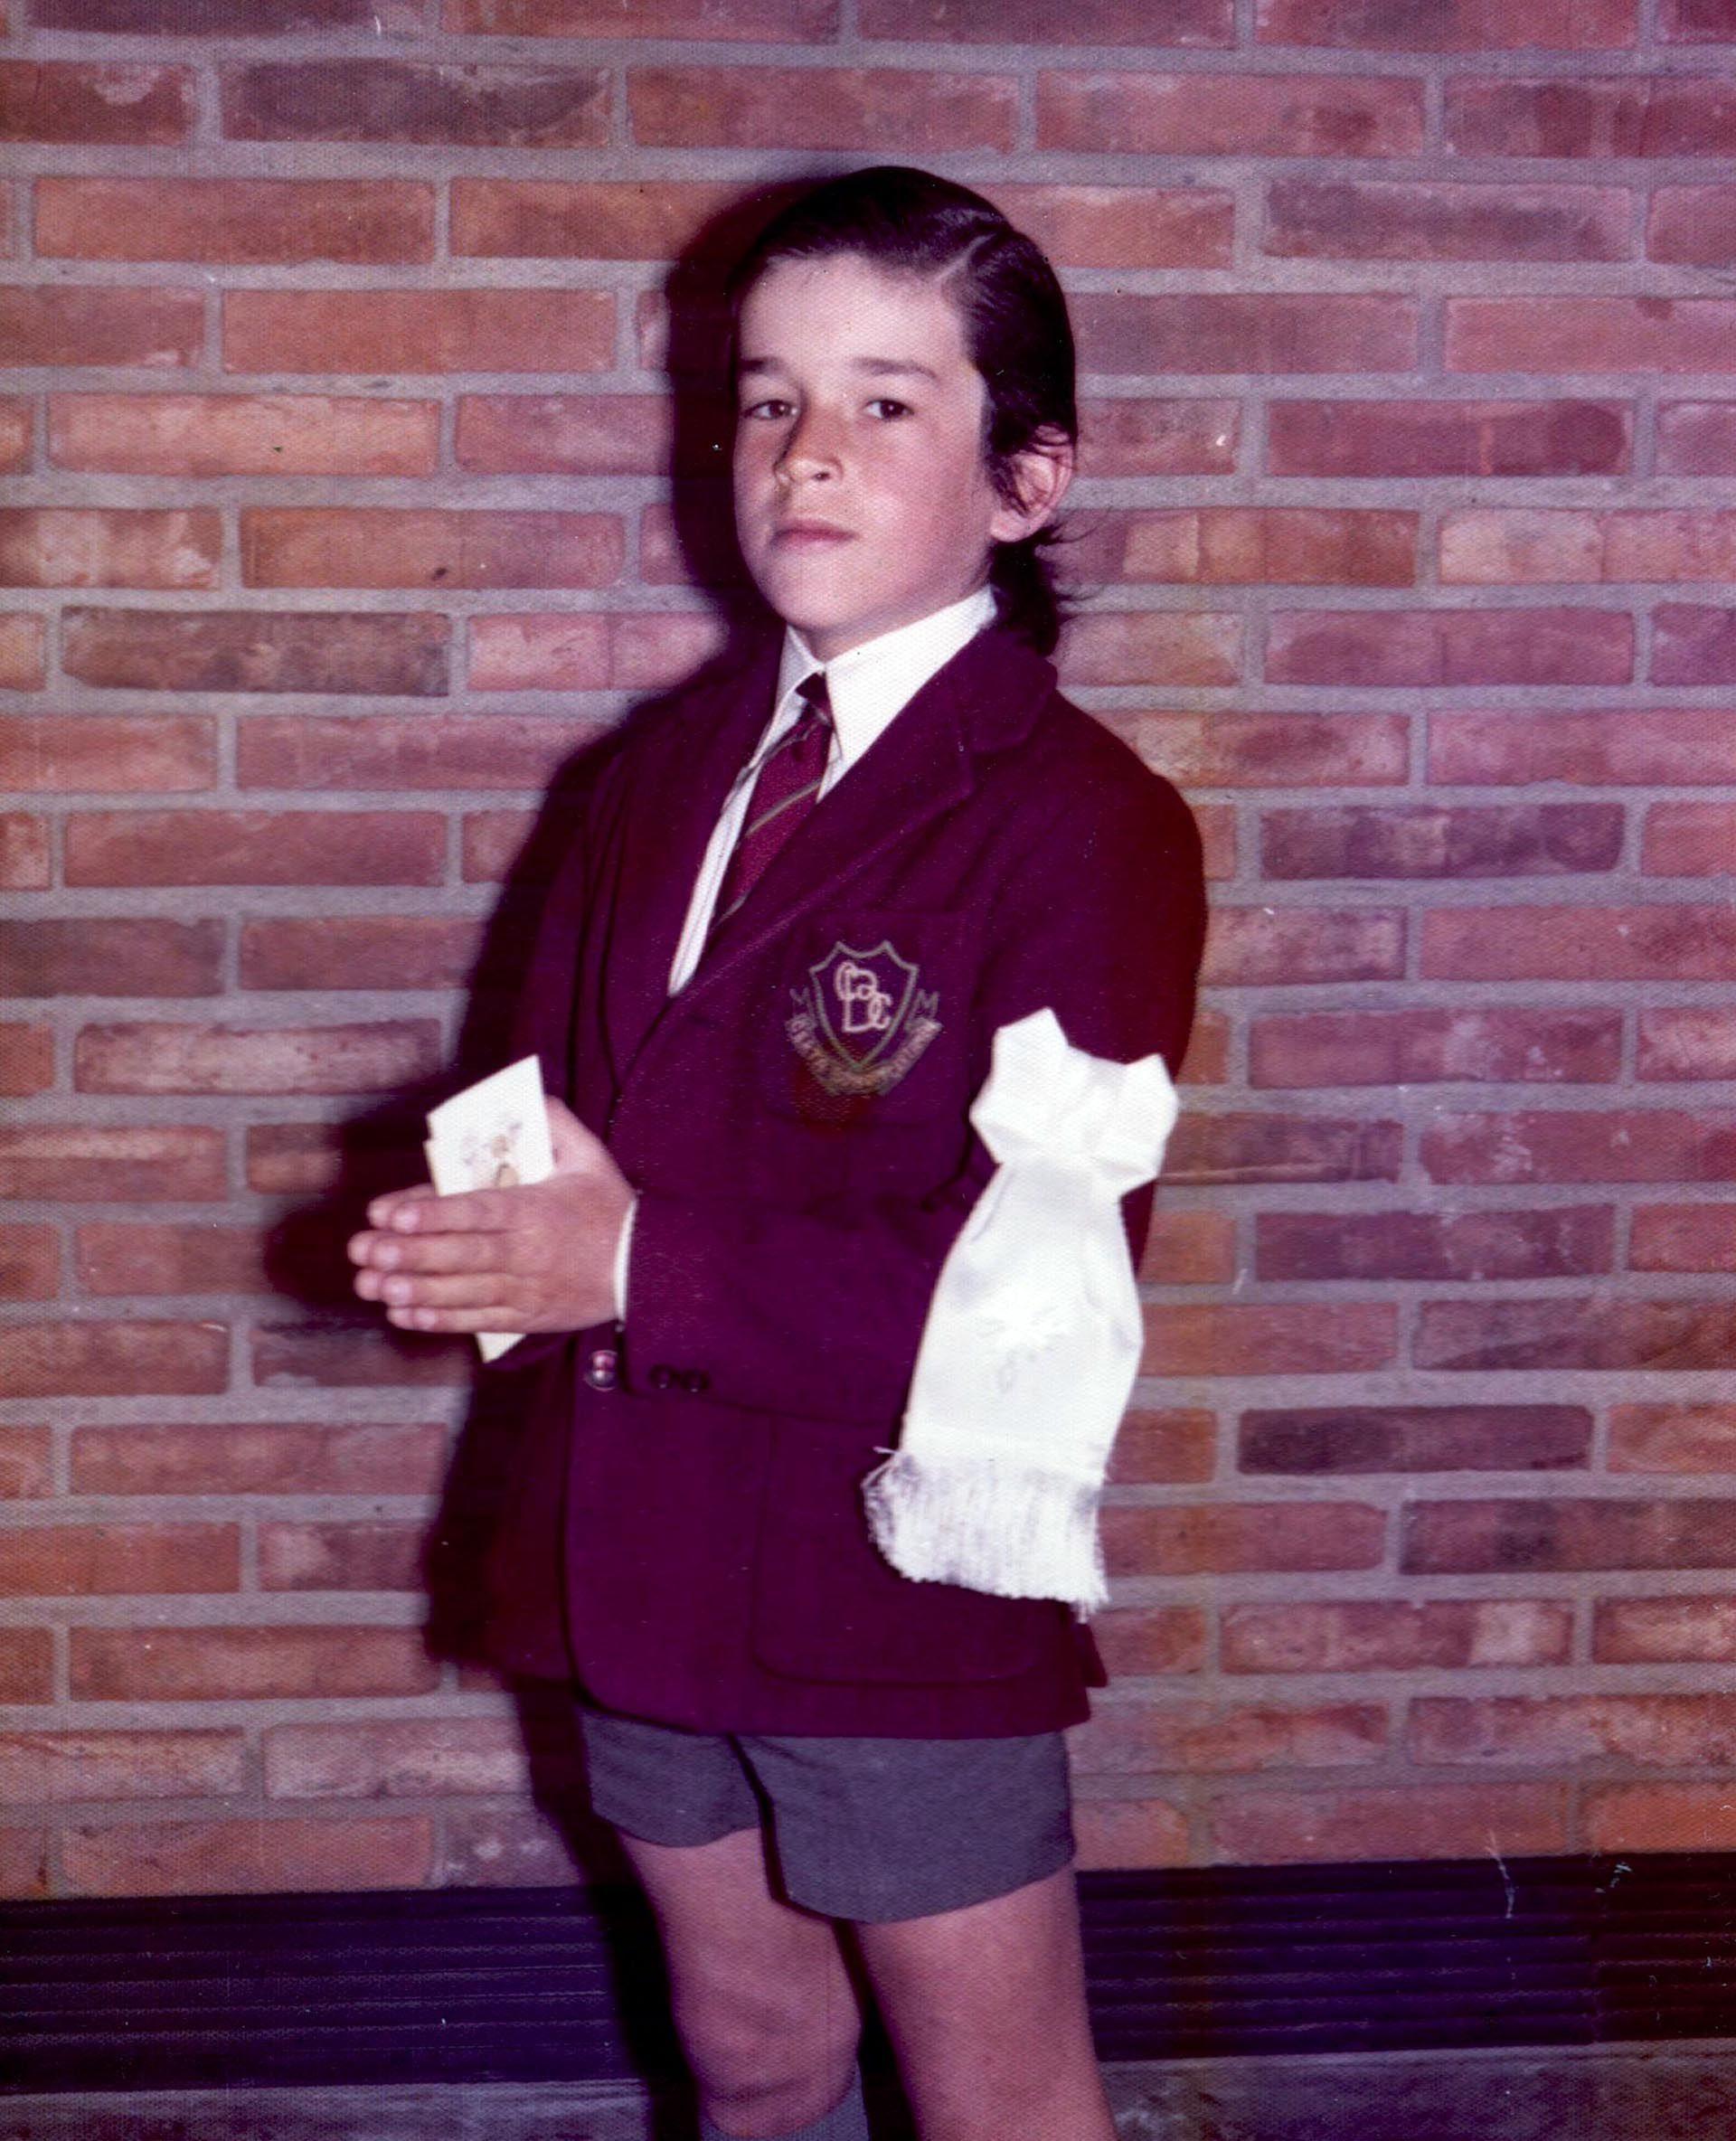 Rufino Varela, con el uniforme del colegio Cardenal Newman, durante su primera comunión